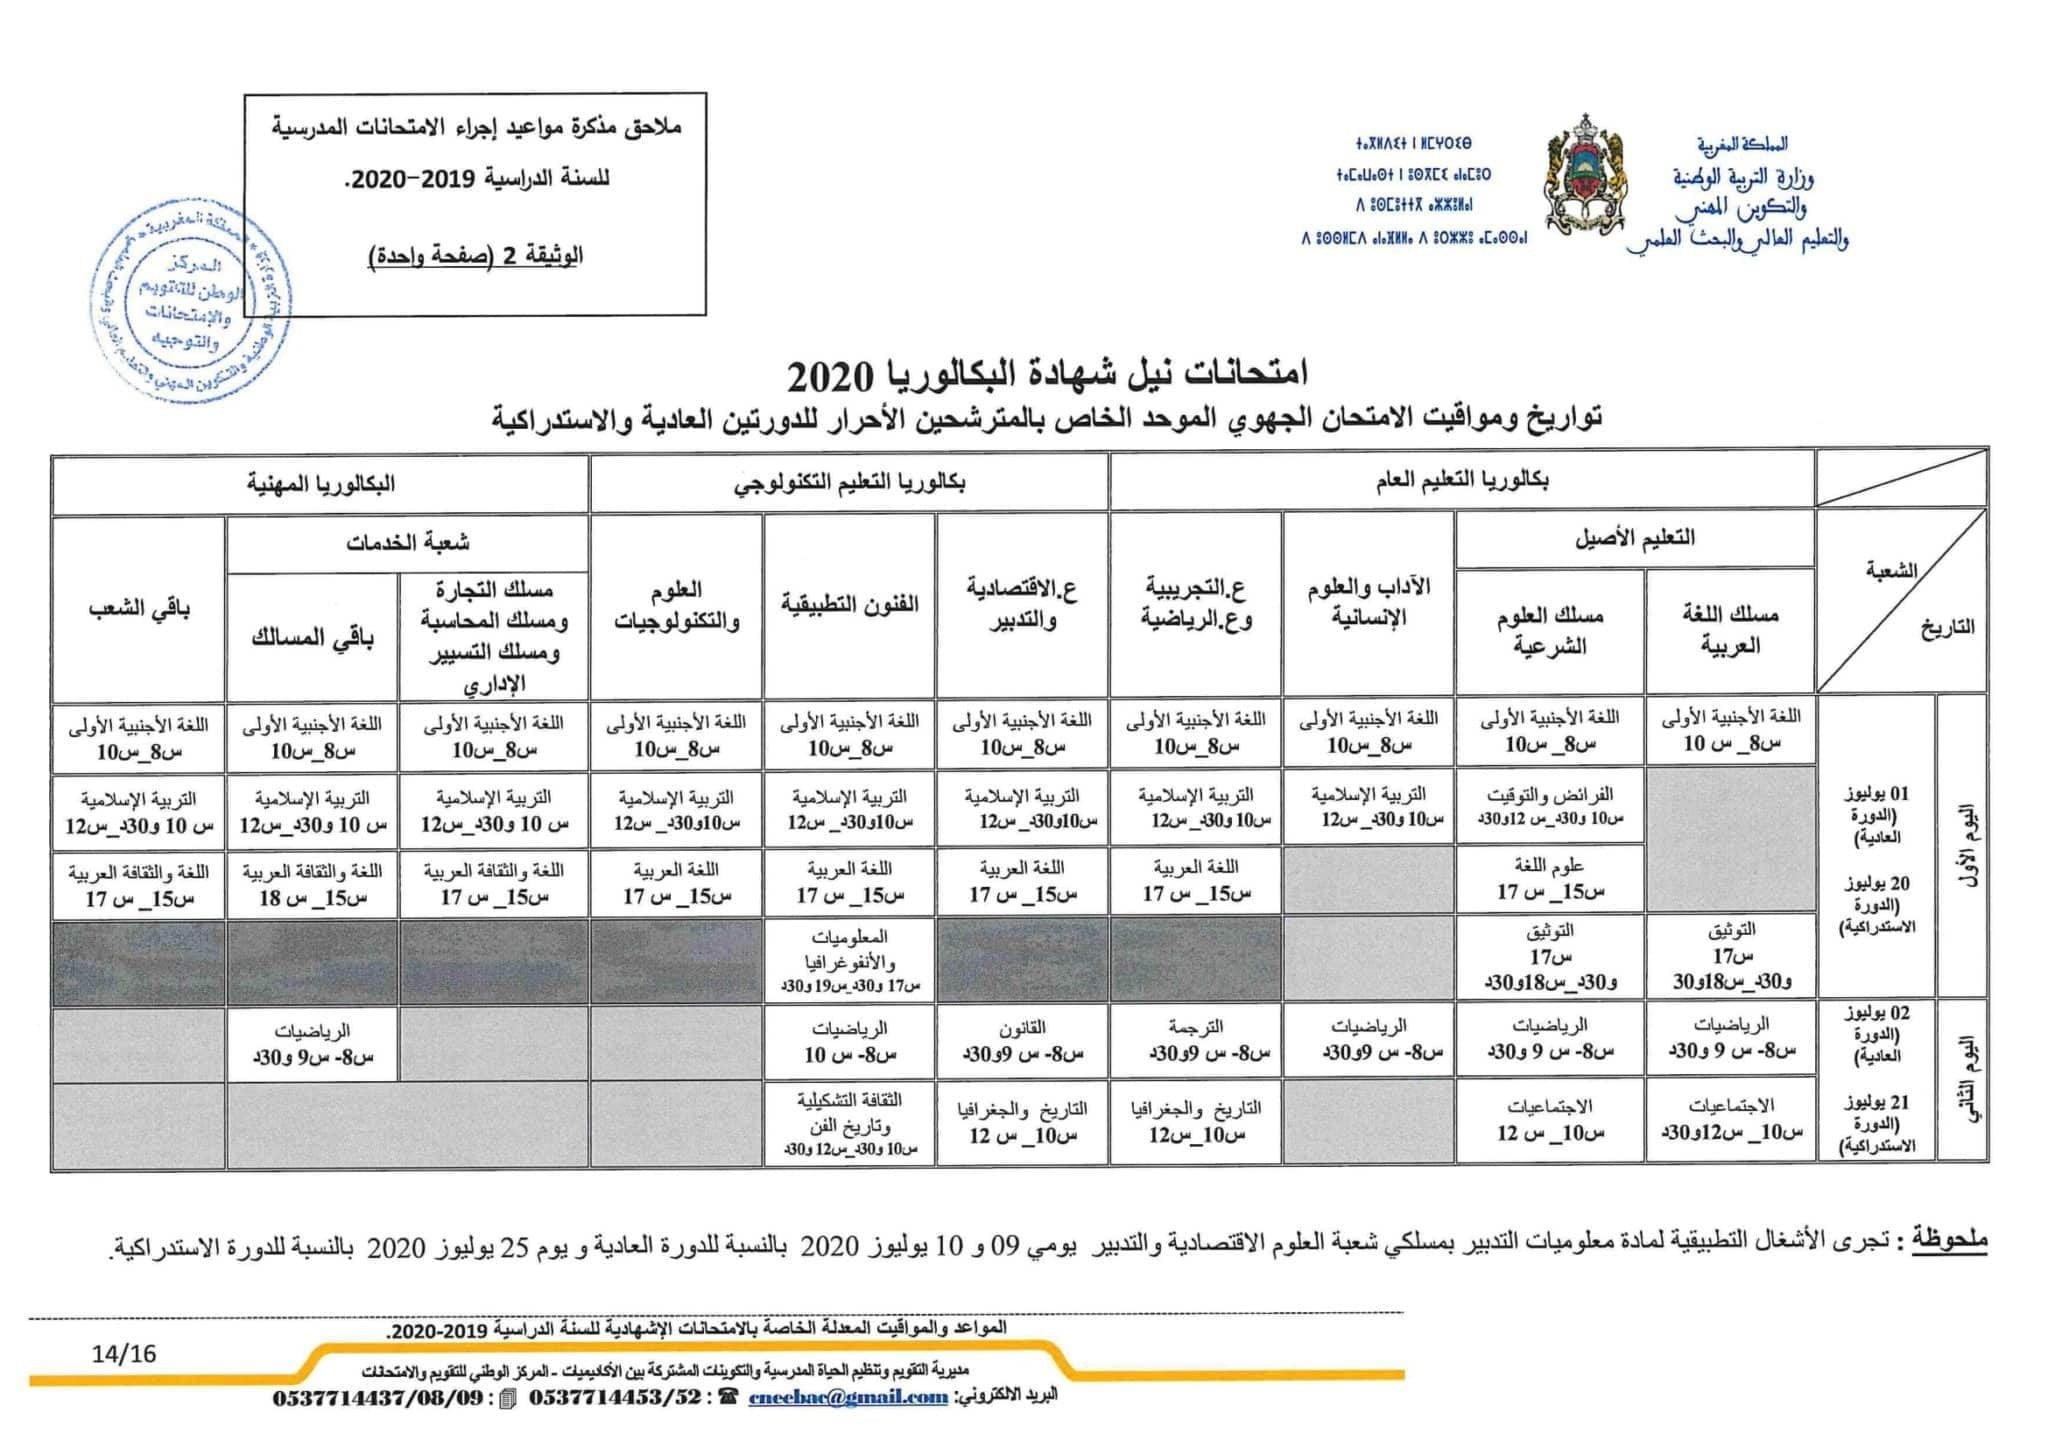 جدولة و مواعيد اجراء مواد الامتحان الجهوي 2020